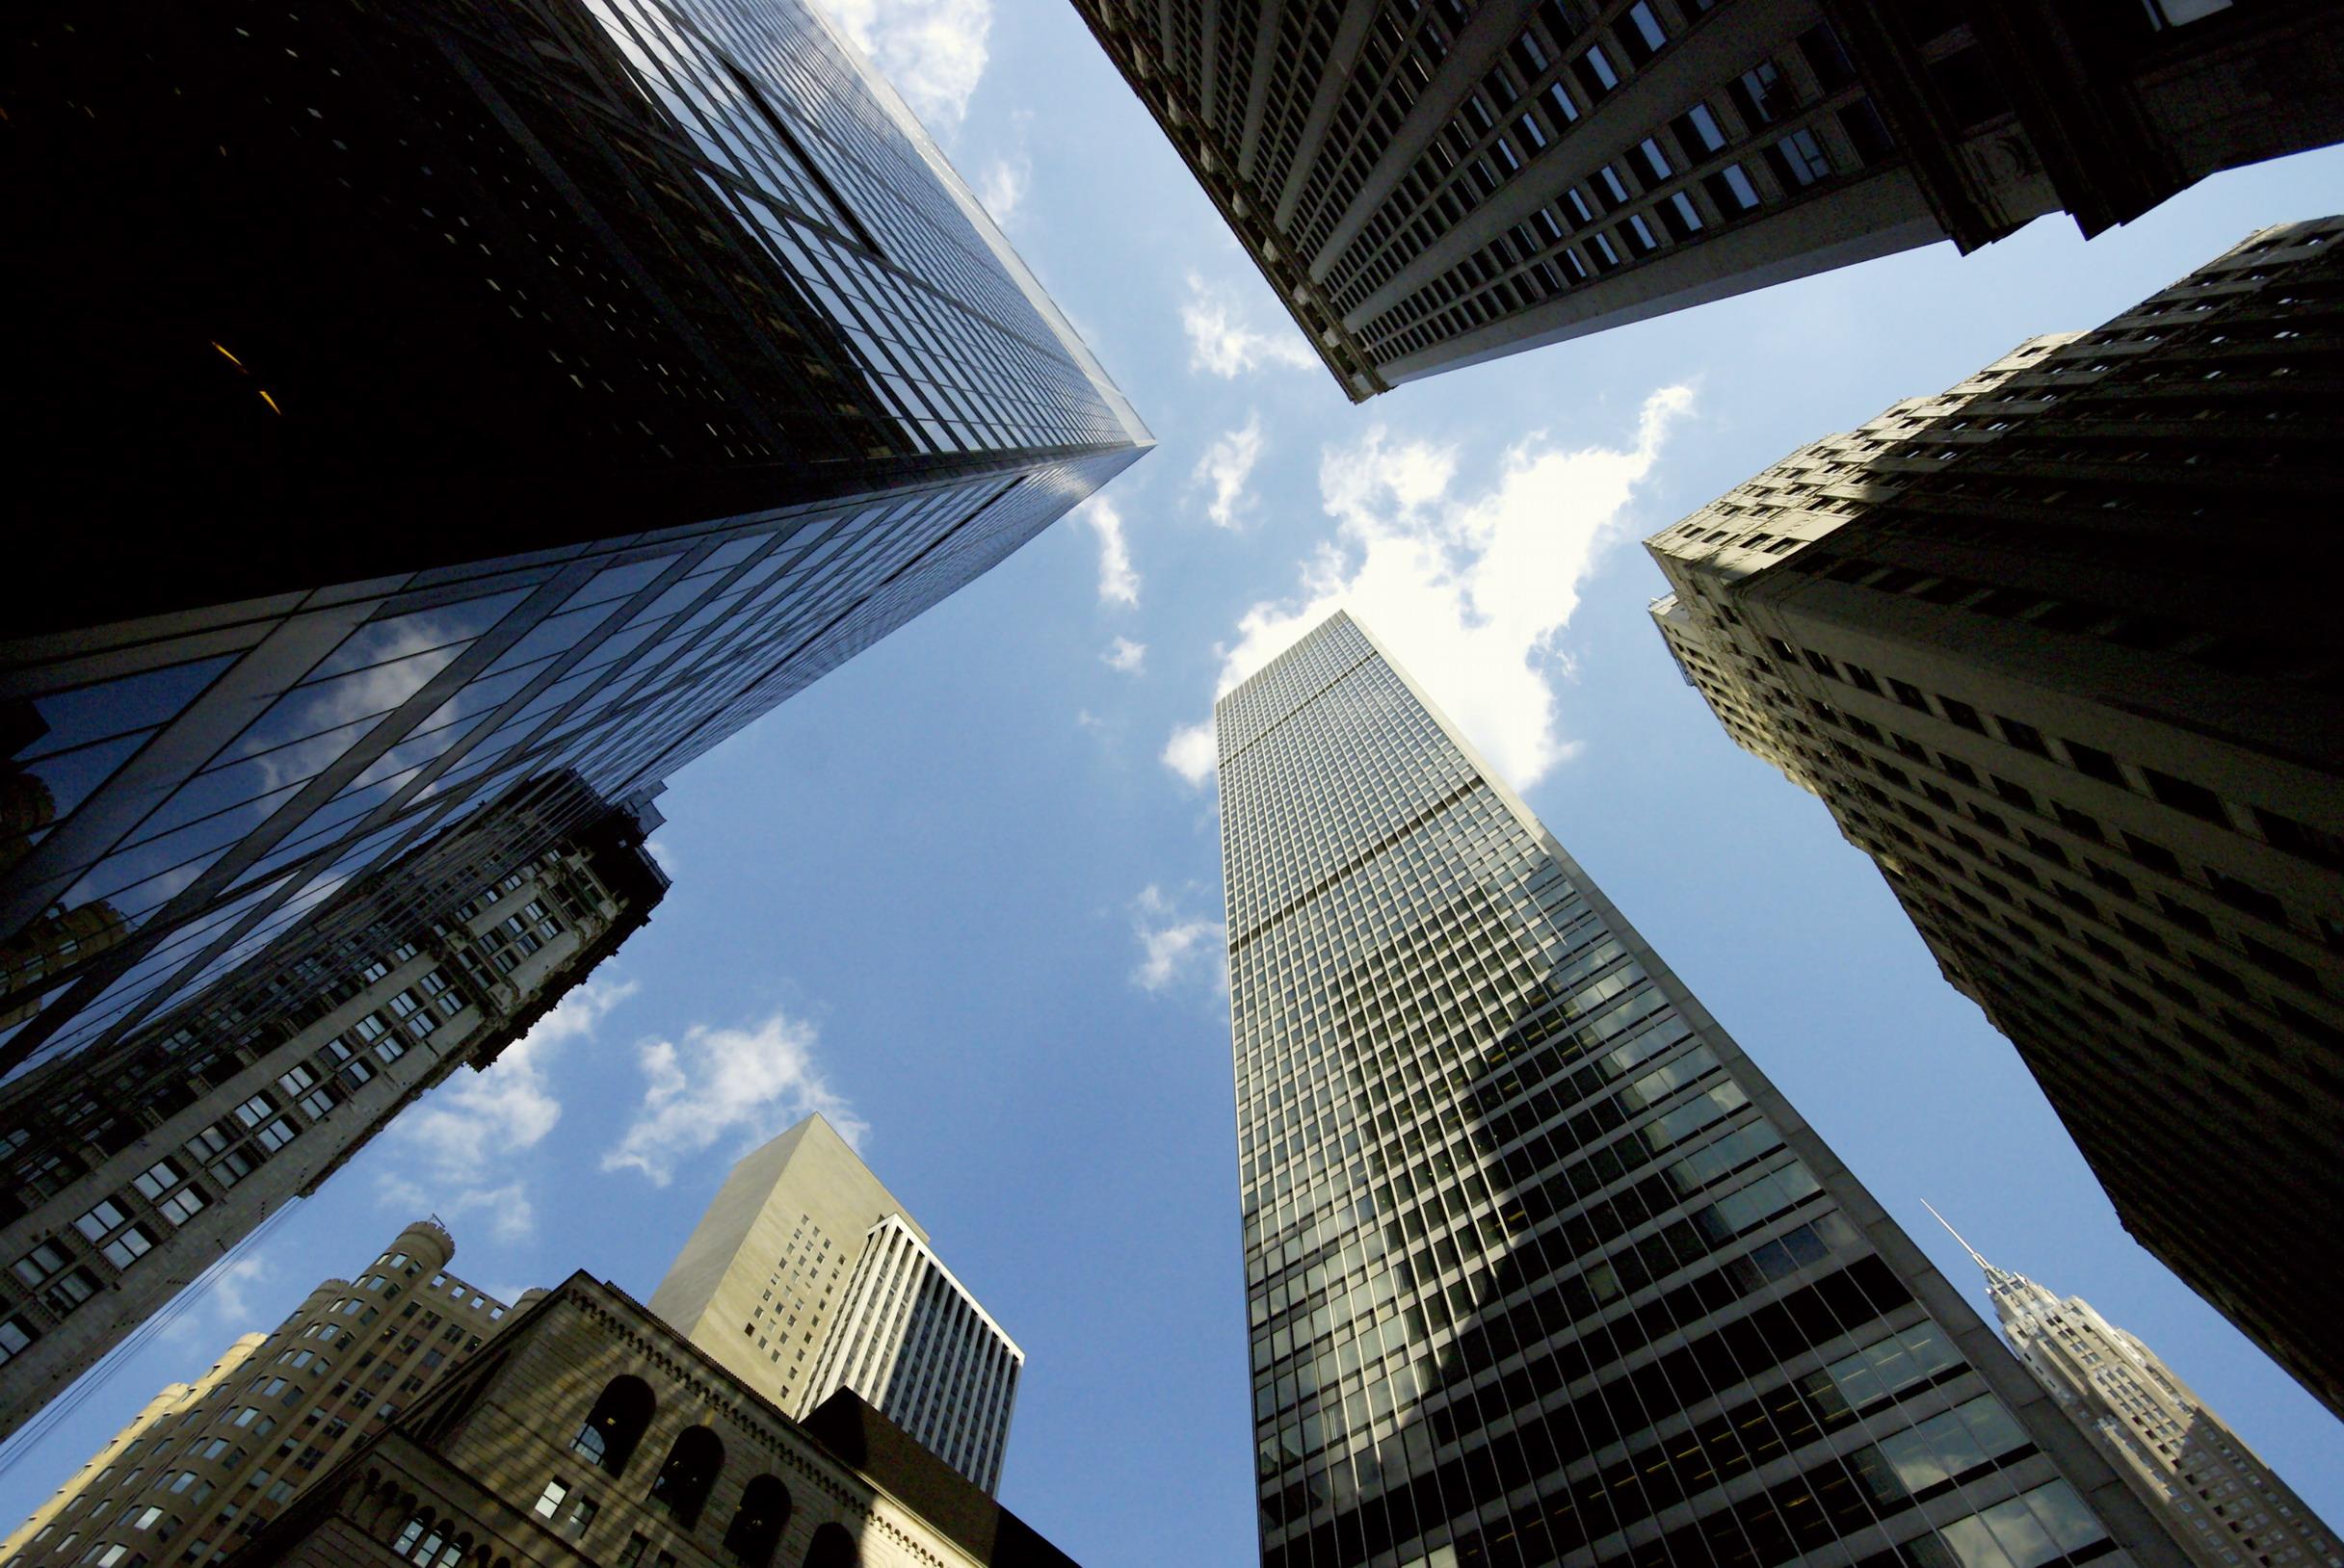 Обои соединенные штаты, квартиры, здания. Города foto 8